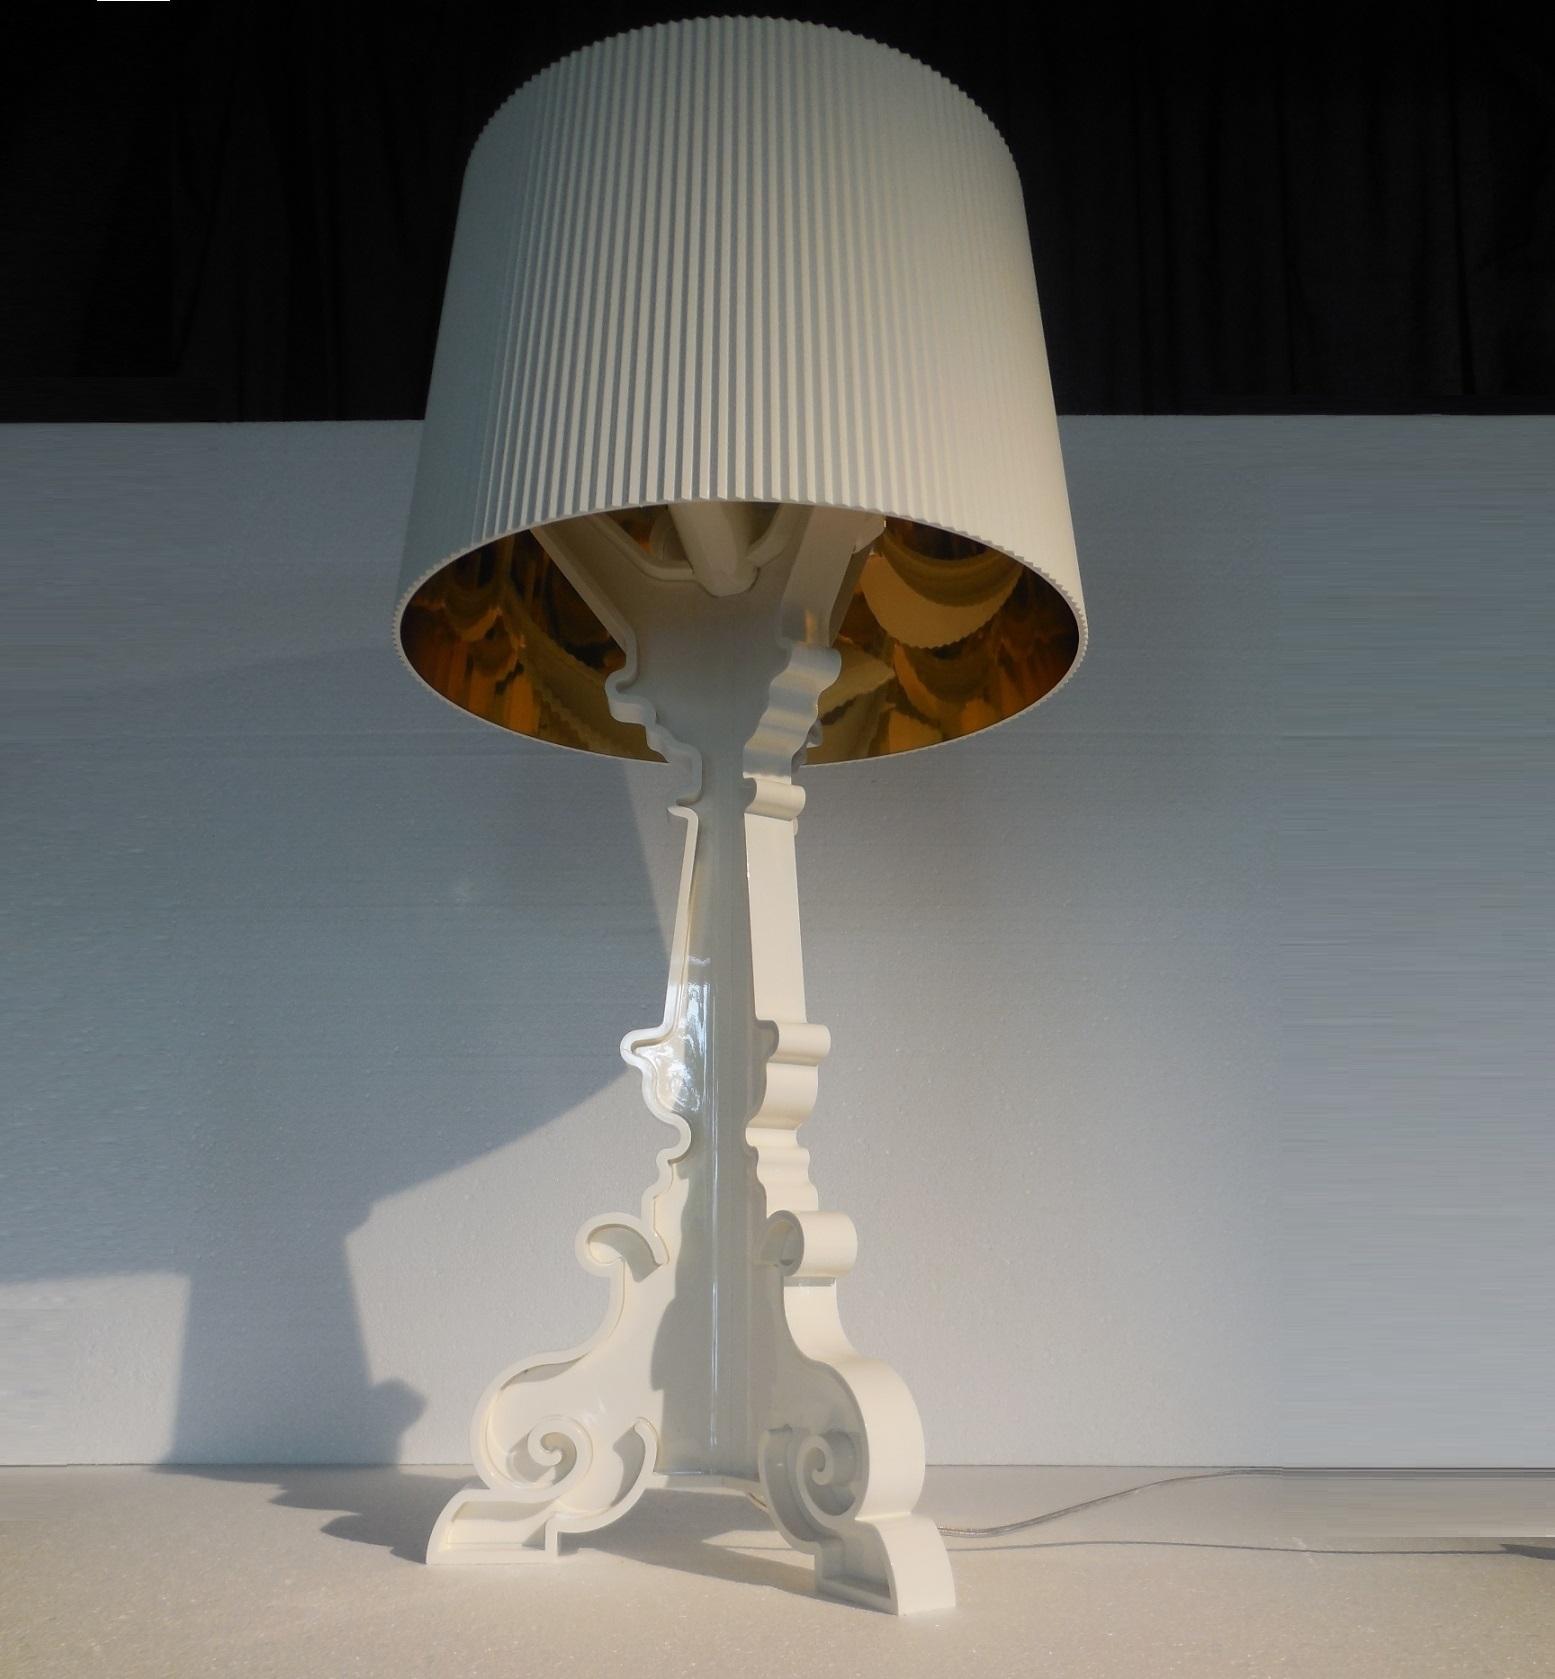 Illuminazione kartell 9076 lampada bourgie white lampada kartell promozione lampade da tavolo - Lampade da tavolo prezzi ...